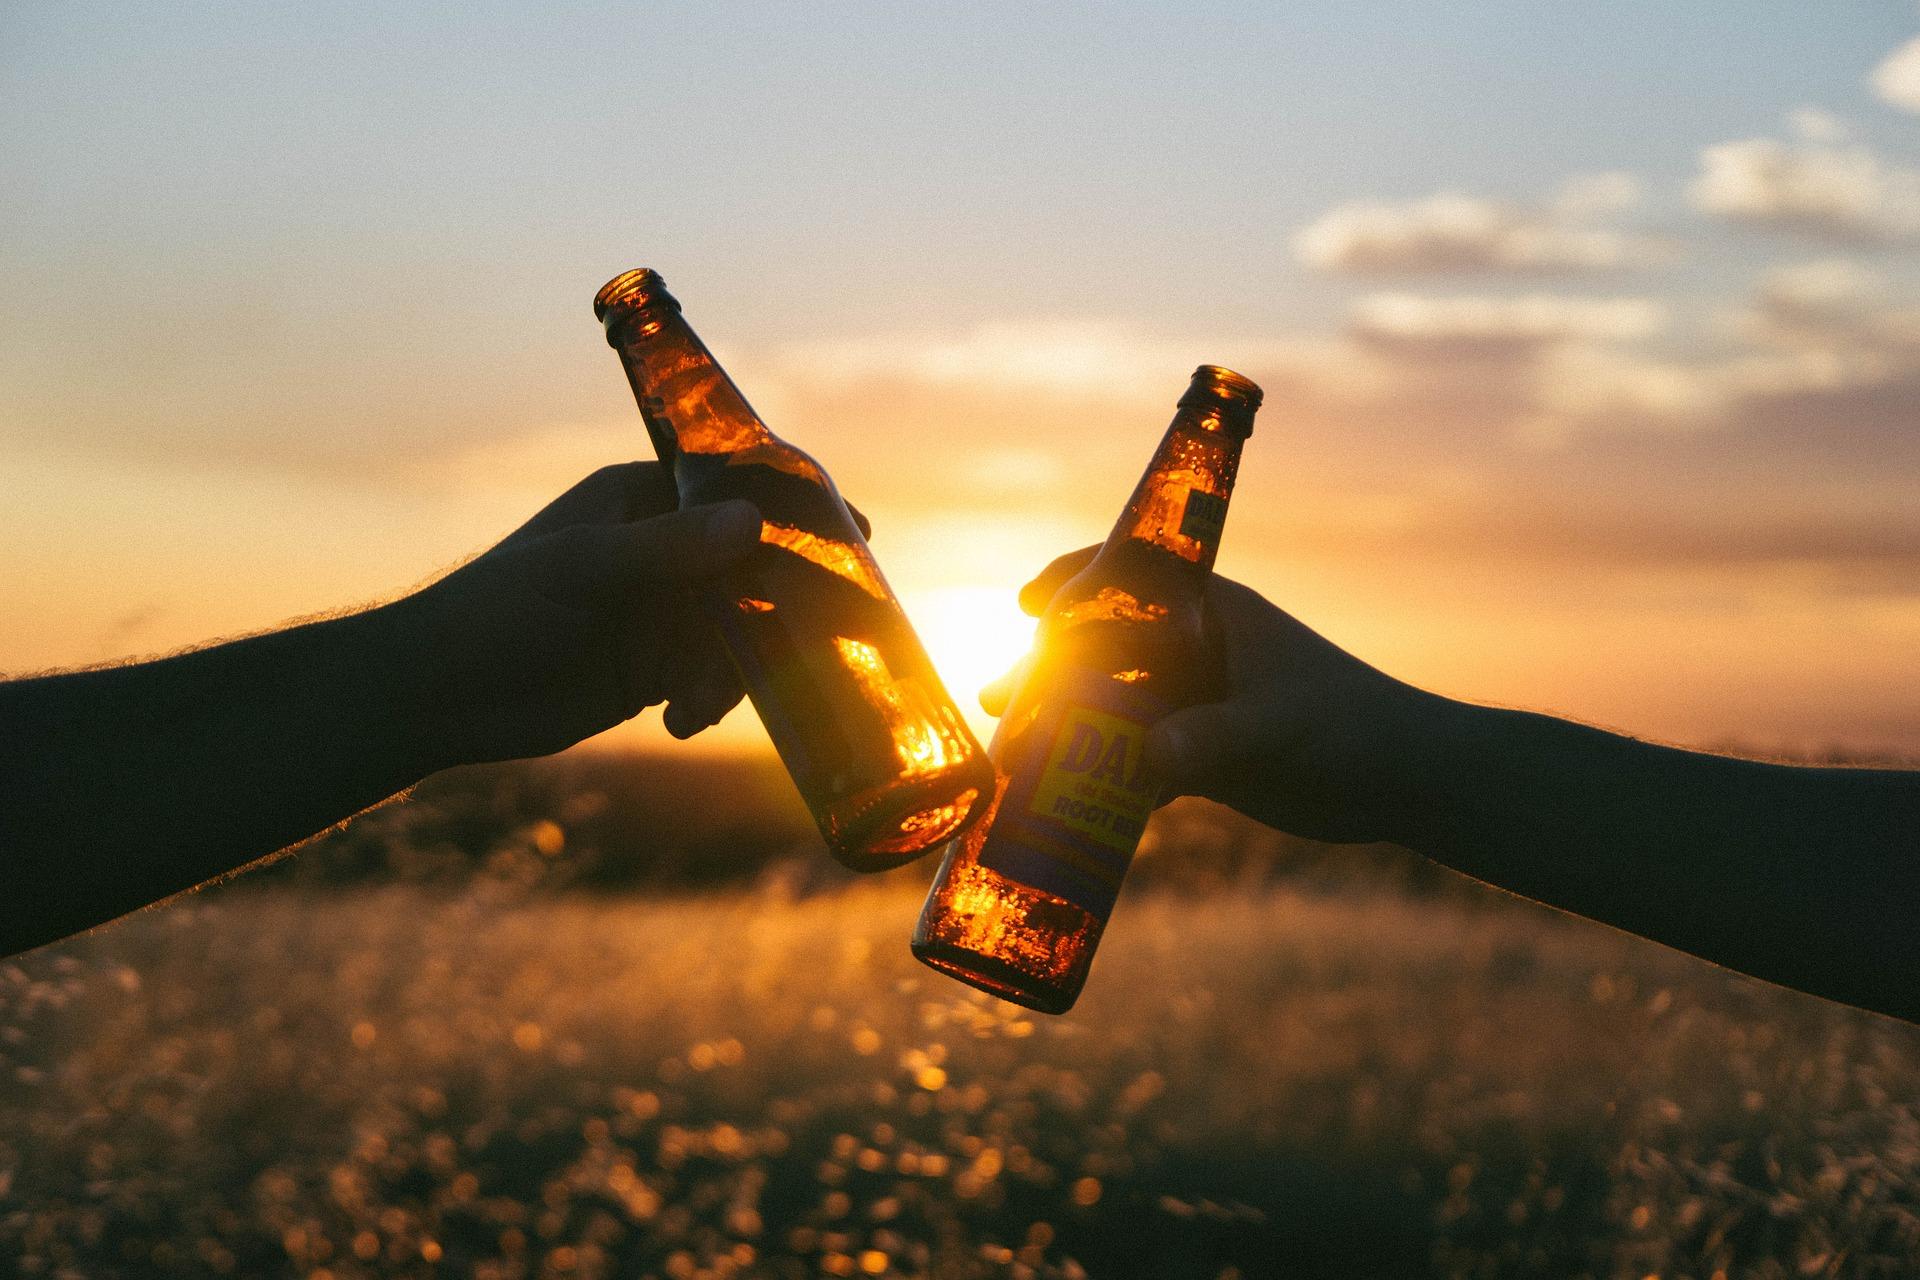 До21 года может повыситься возраст продажи алкоголя